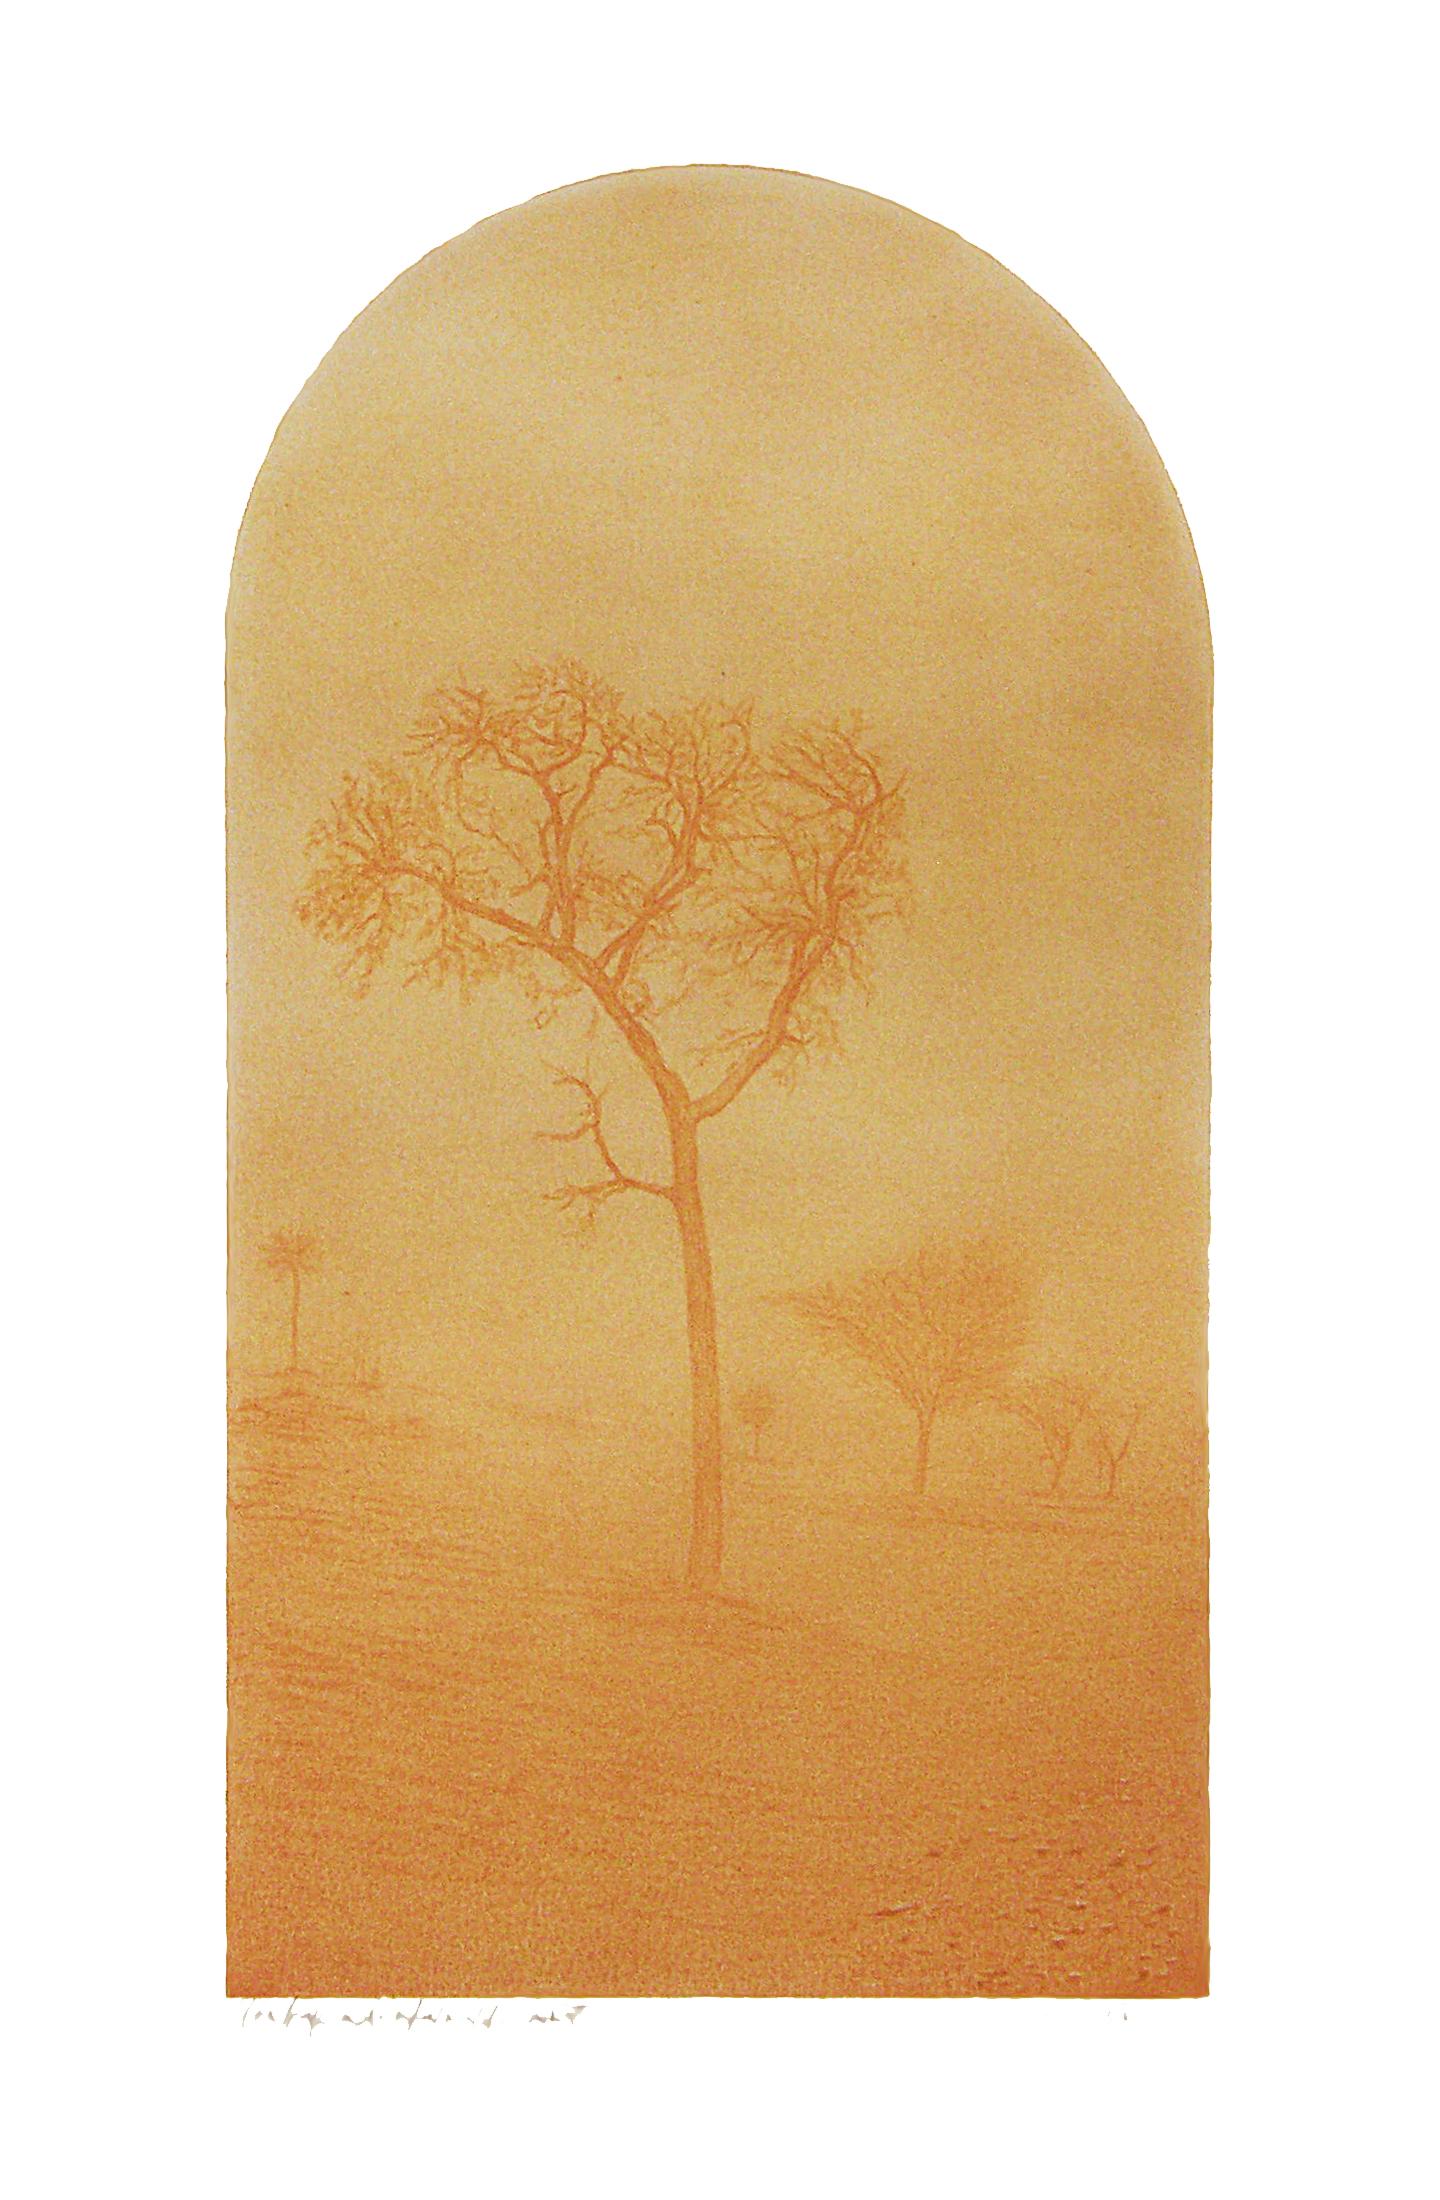 Una tarde a la entrada del desierto, lápiz de color sobre papel.